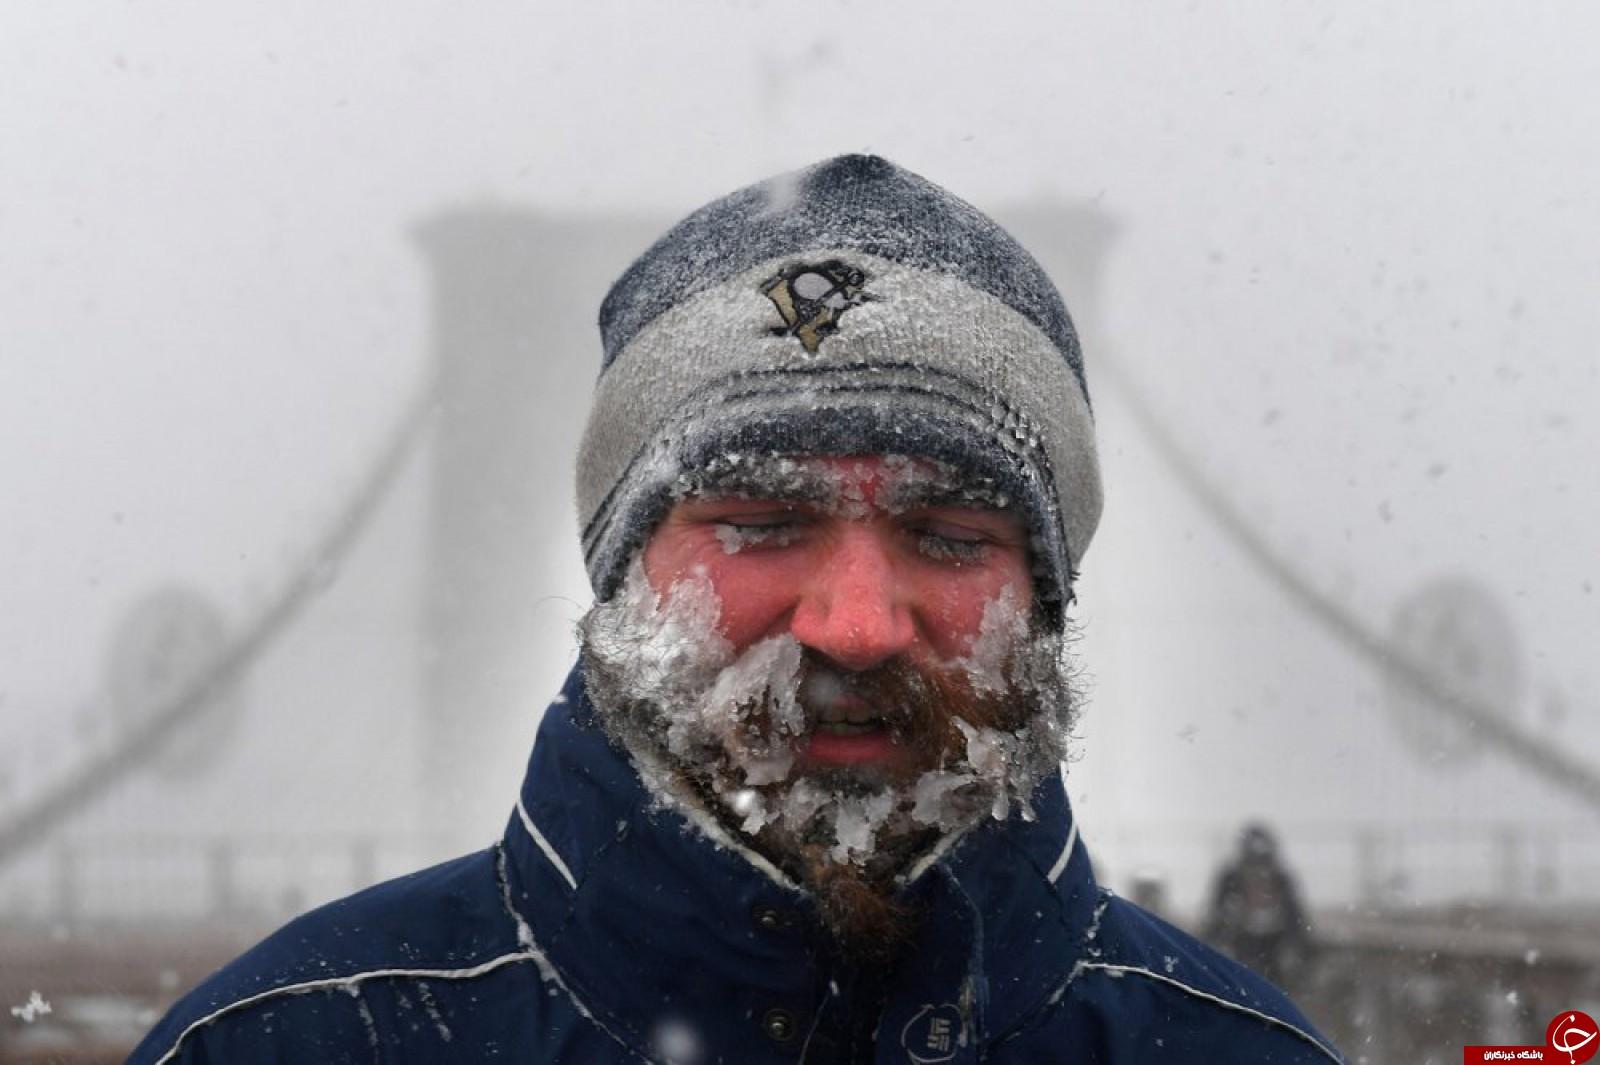 مردی که از شدت سرما ریش و سبیلش یخ زد!+عکس